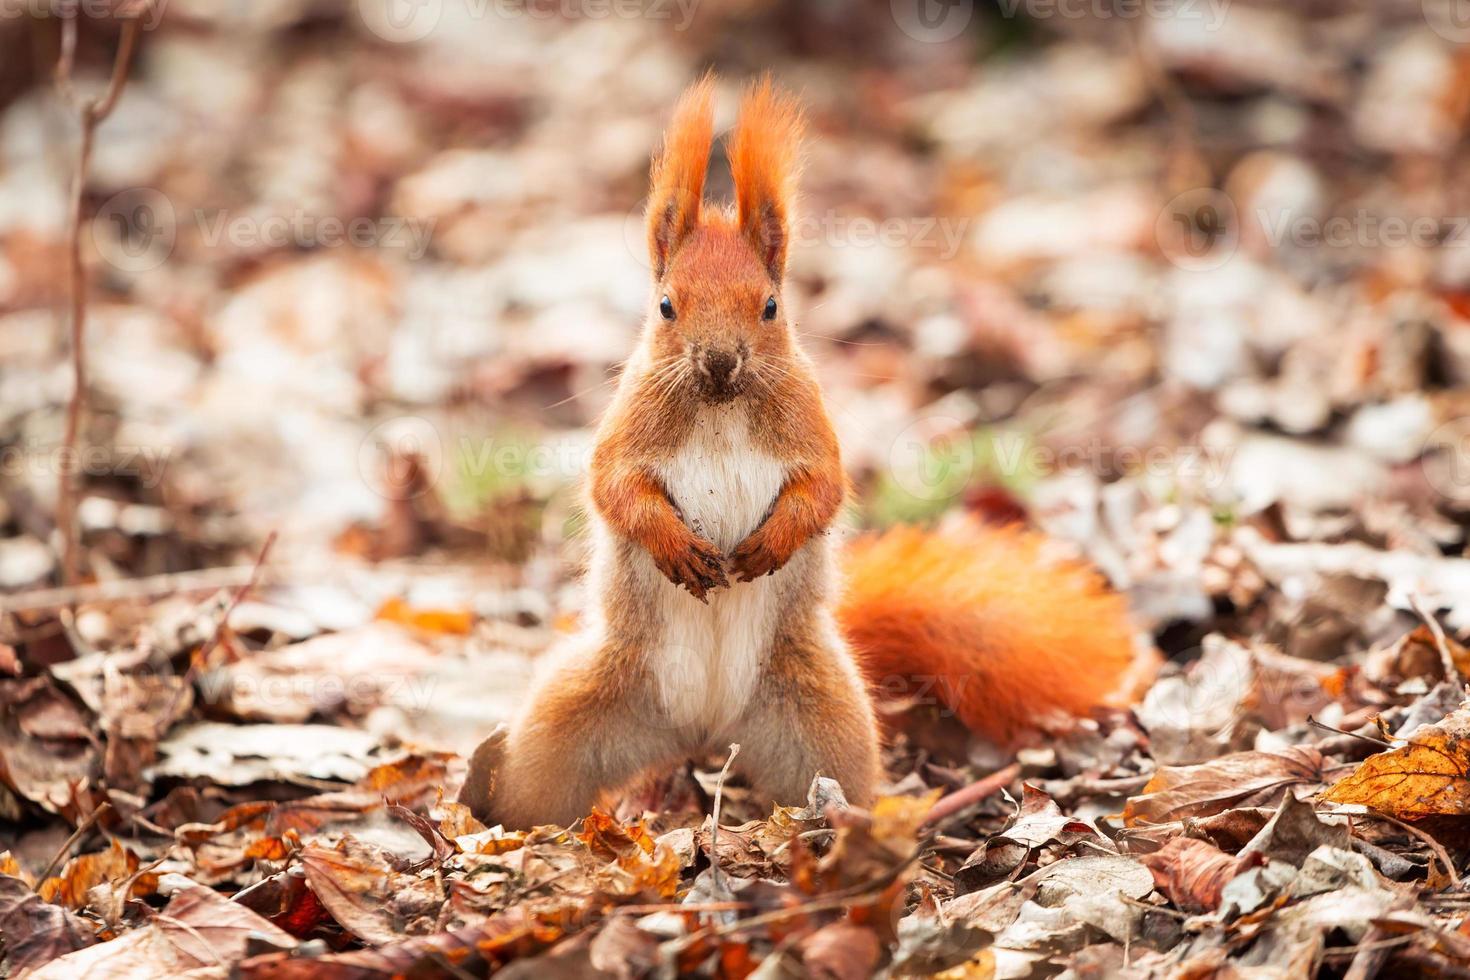 rotes Eichhörnchen im Park foto